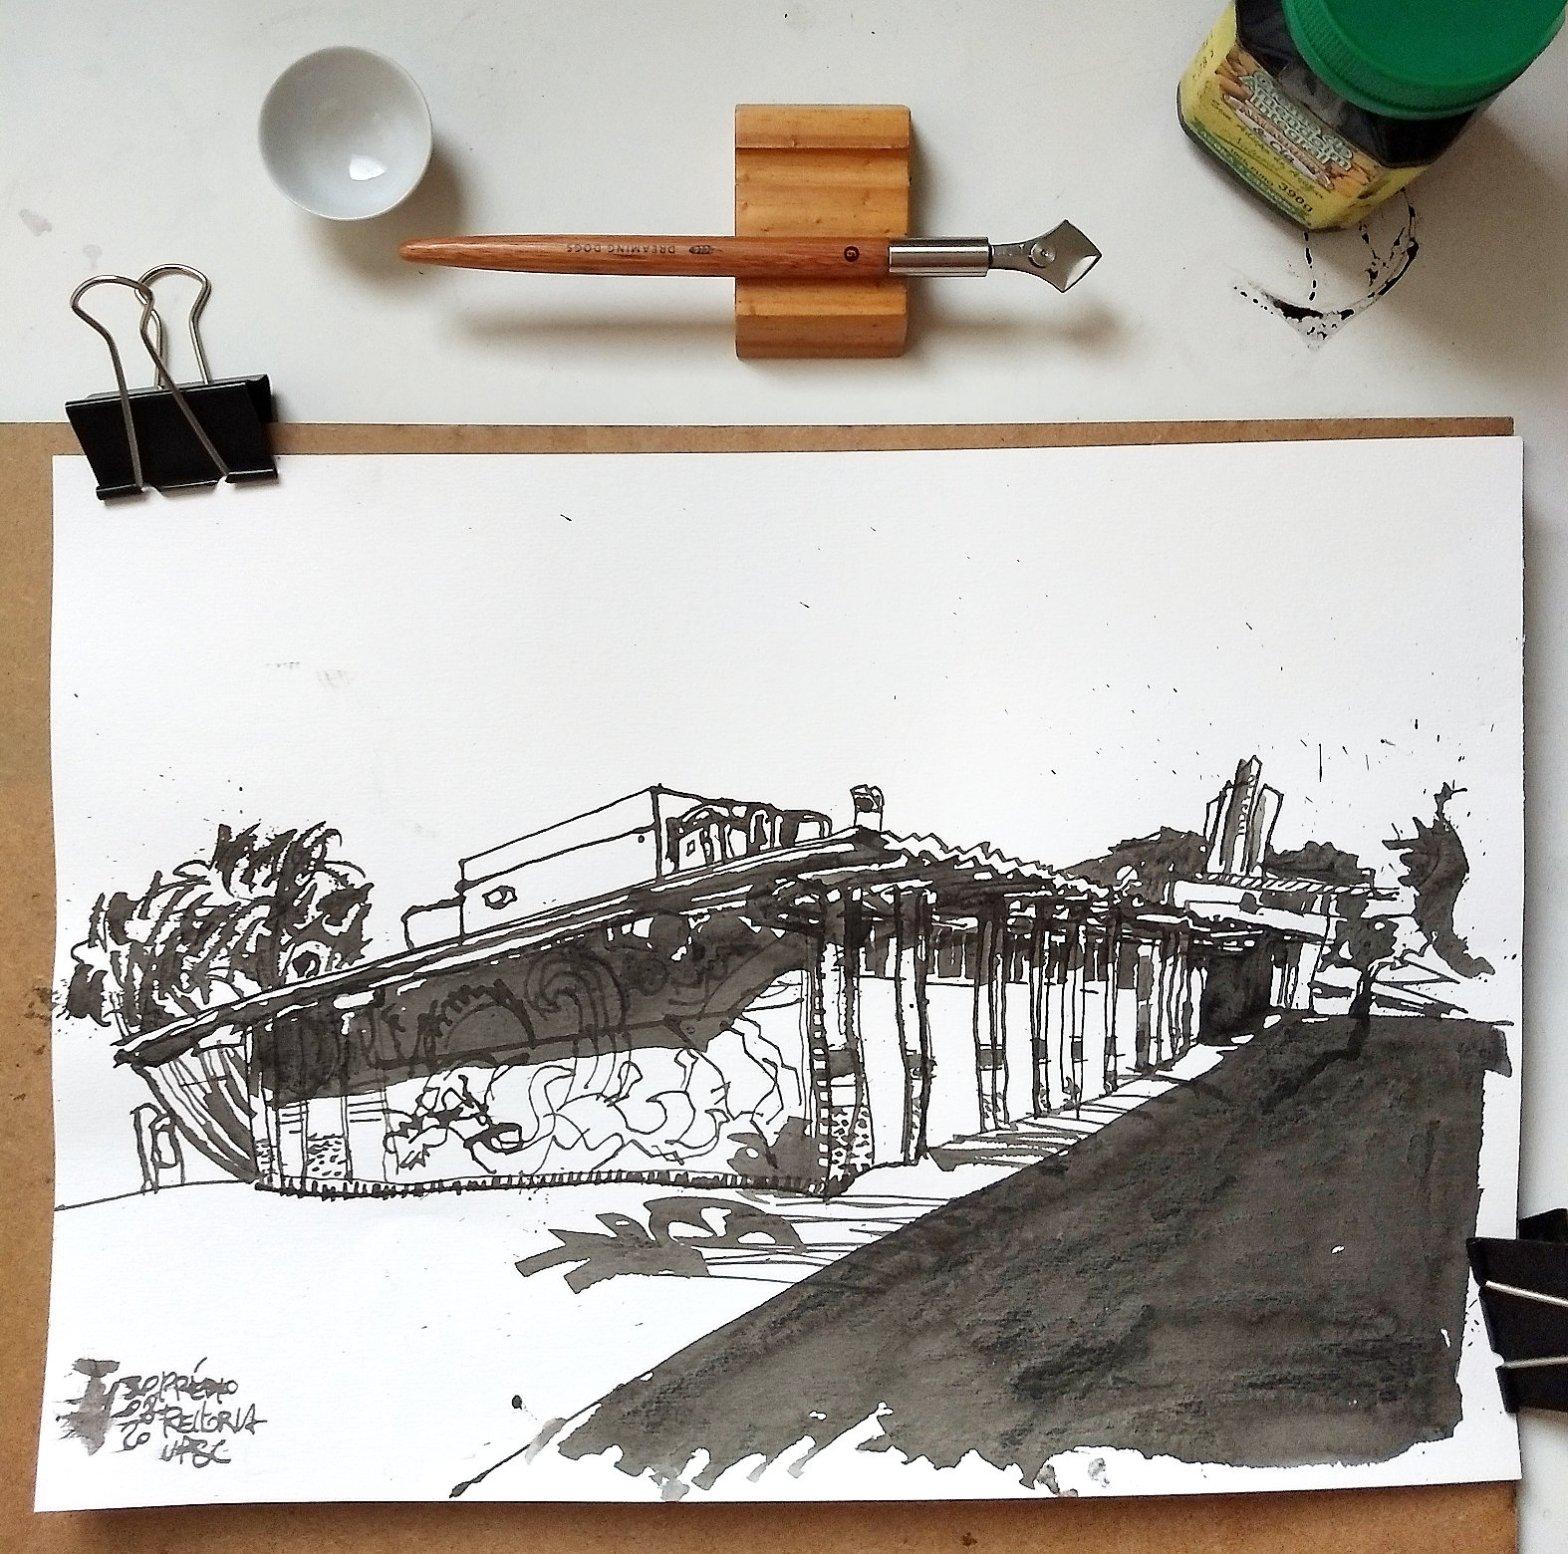 Vista de cima de uma mesa com o desenho do prédio da reitoria, uma pequena vasilha branca, um tira linhas e um pote com tinta preta